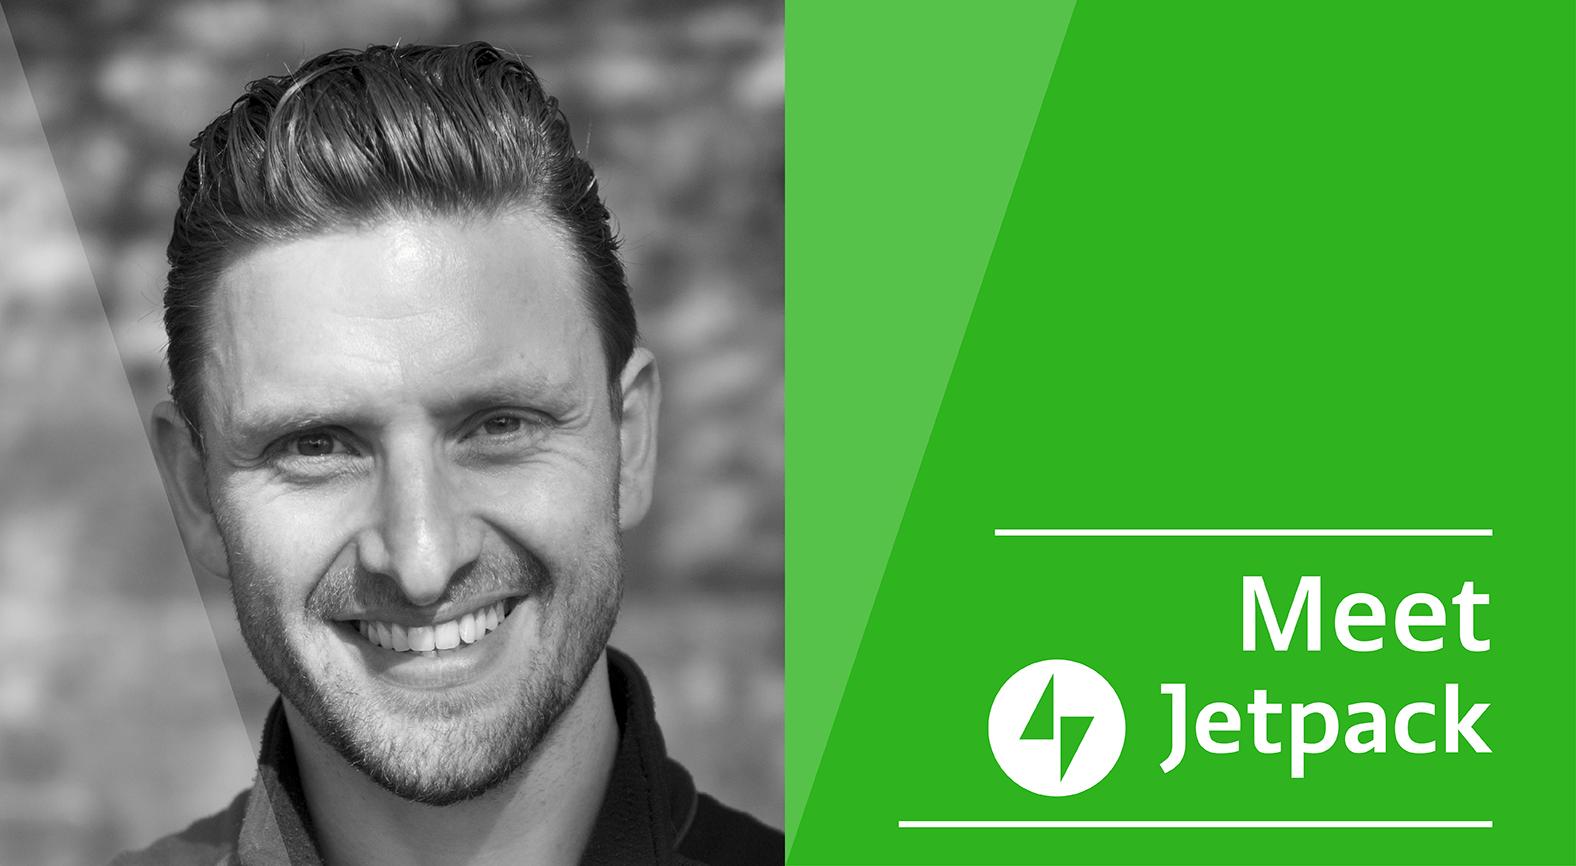 Meet Joen from Jetpack: A Connoisseur of Sunshine and WordPress